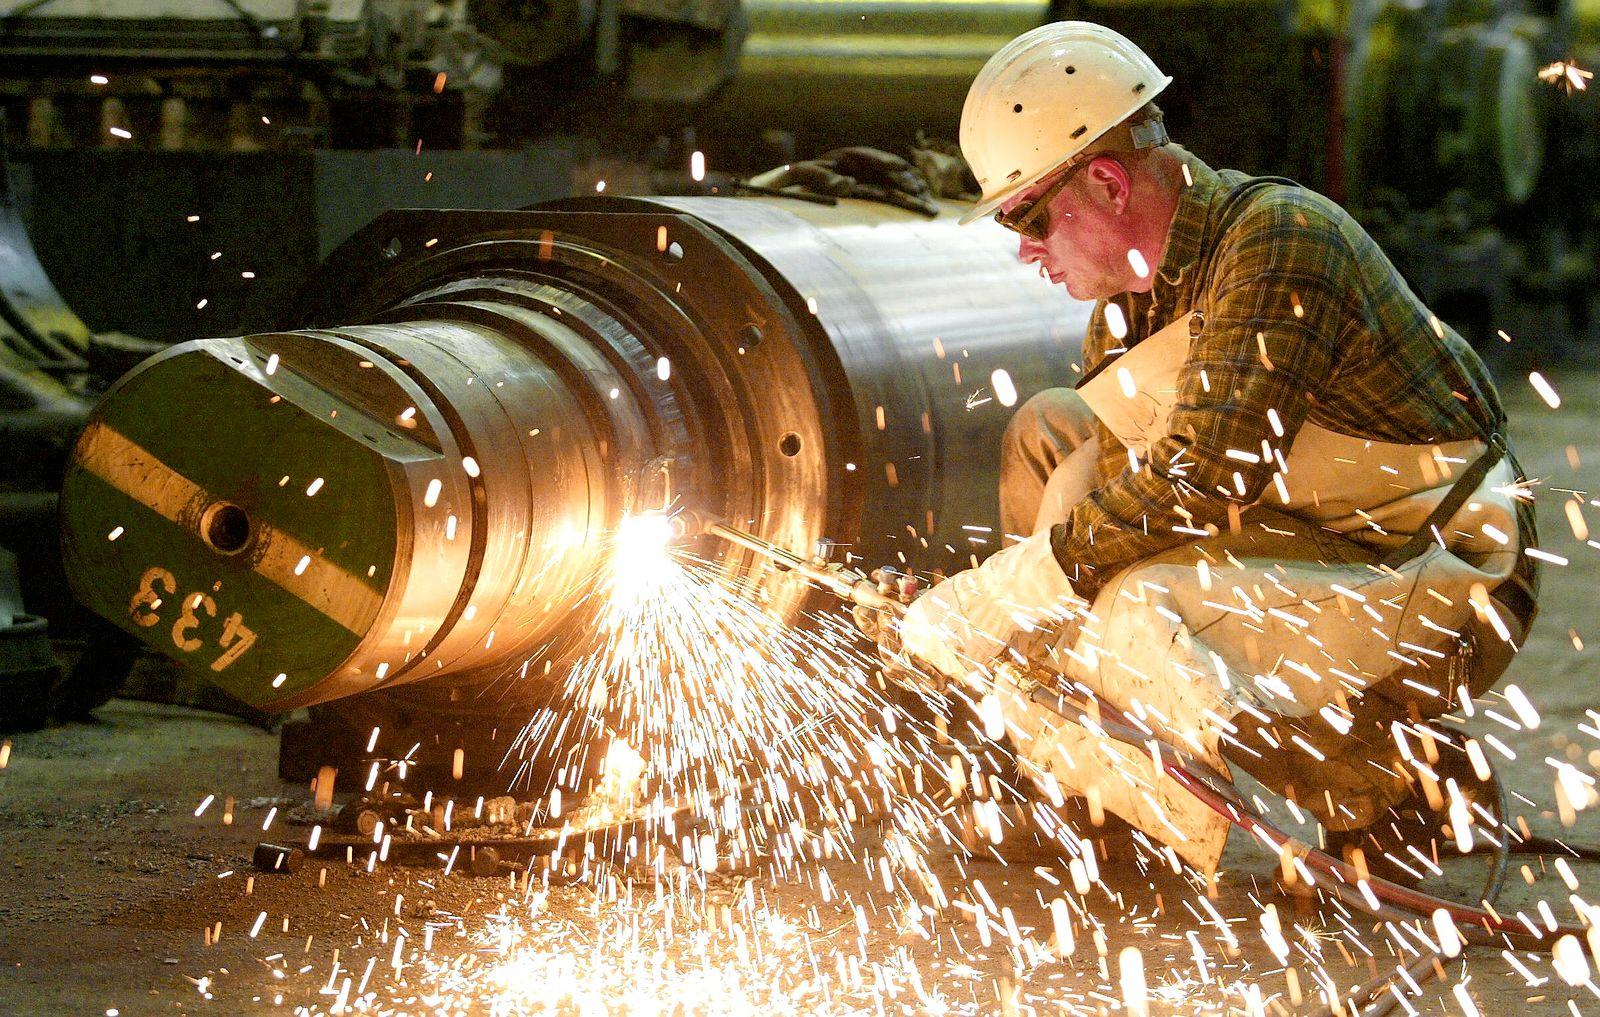 NICHT VERWENDEN Konjunktur / Maschinenbau